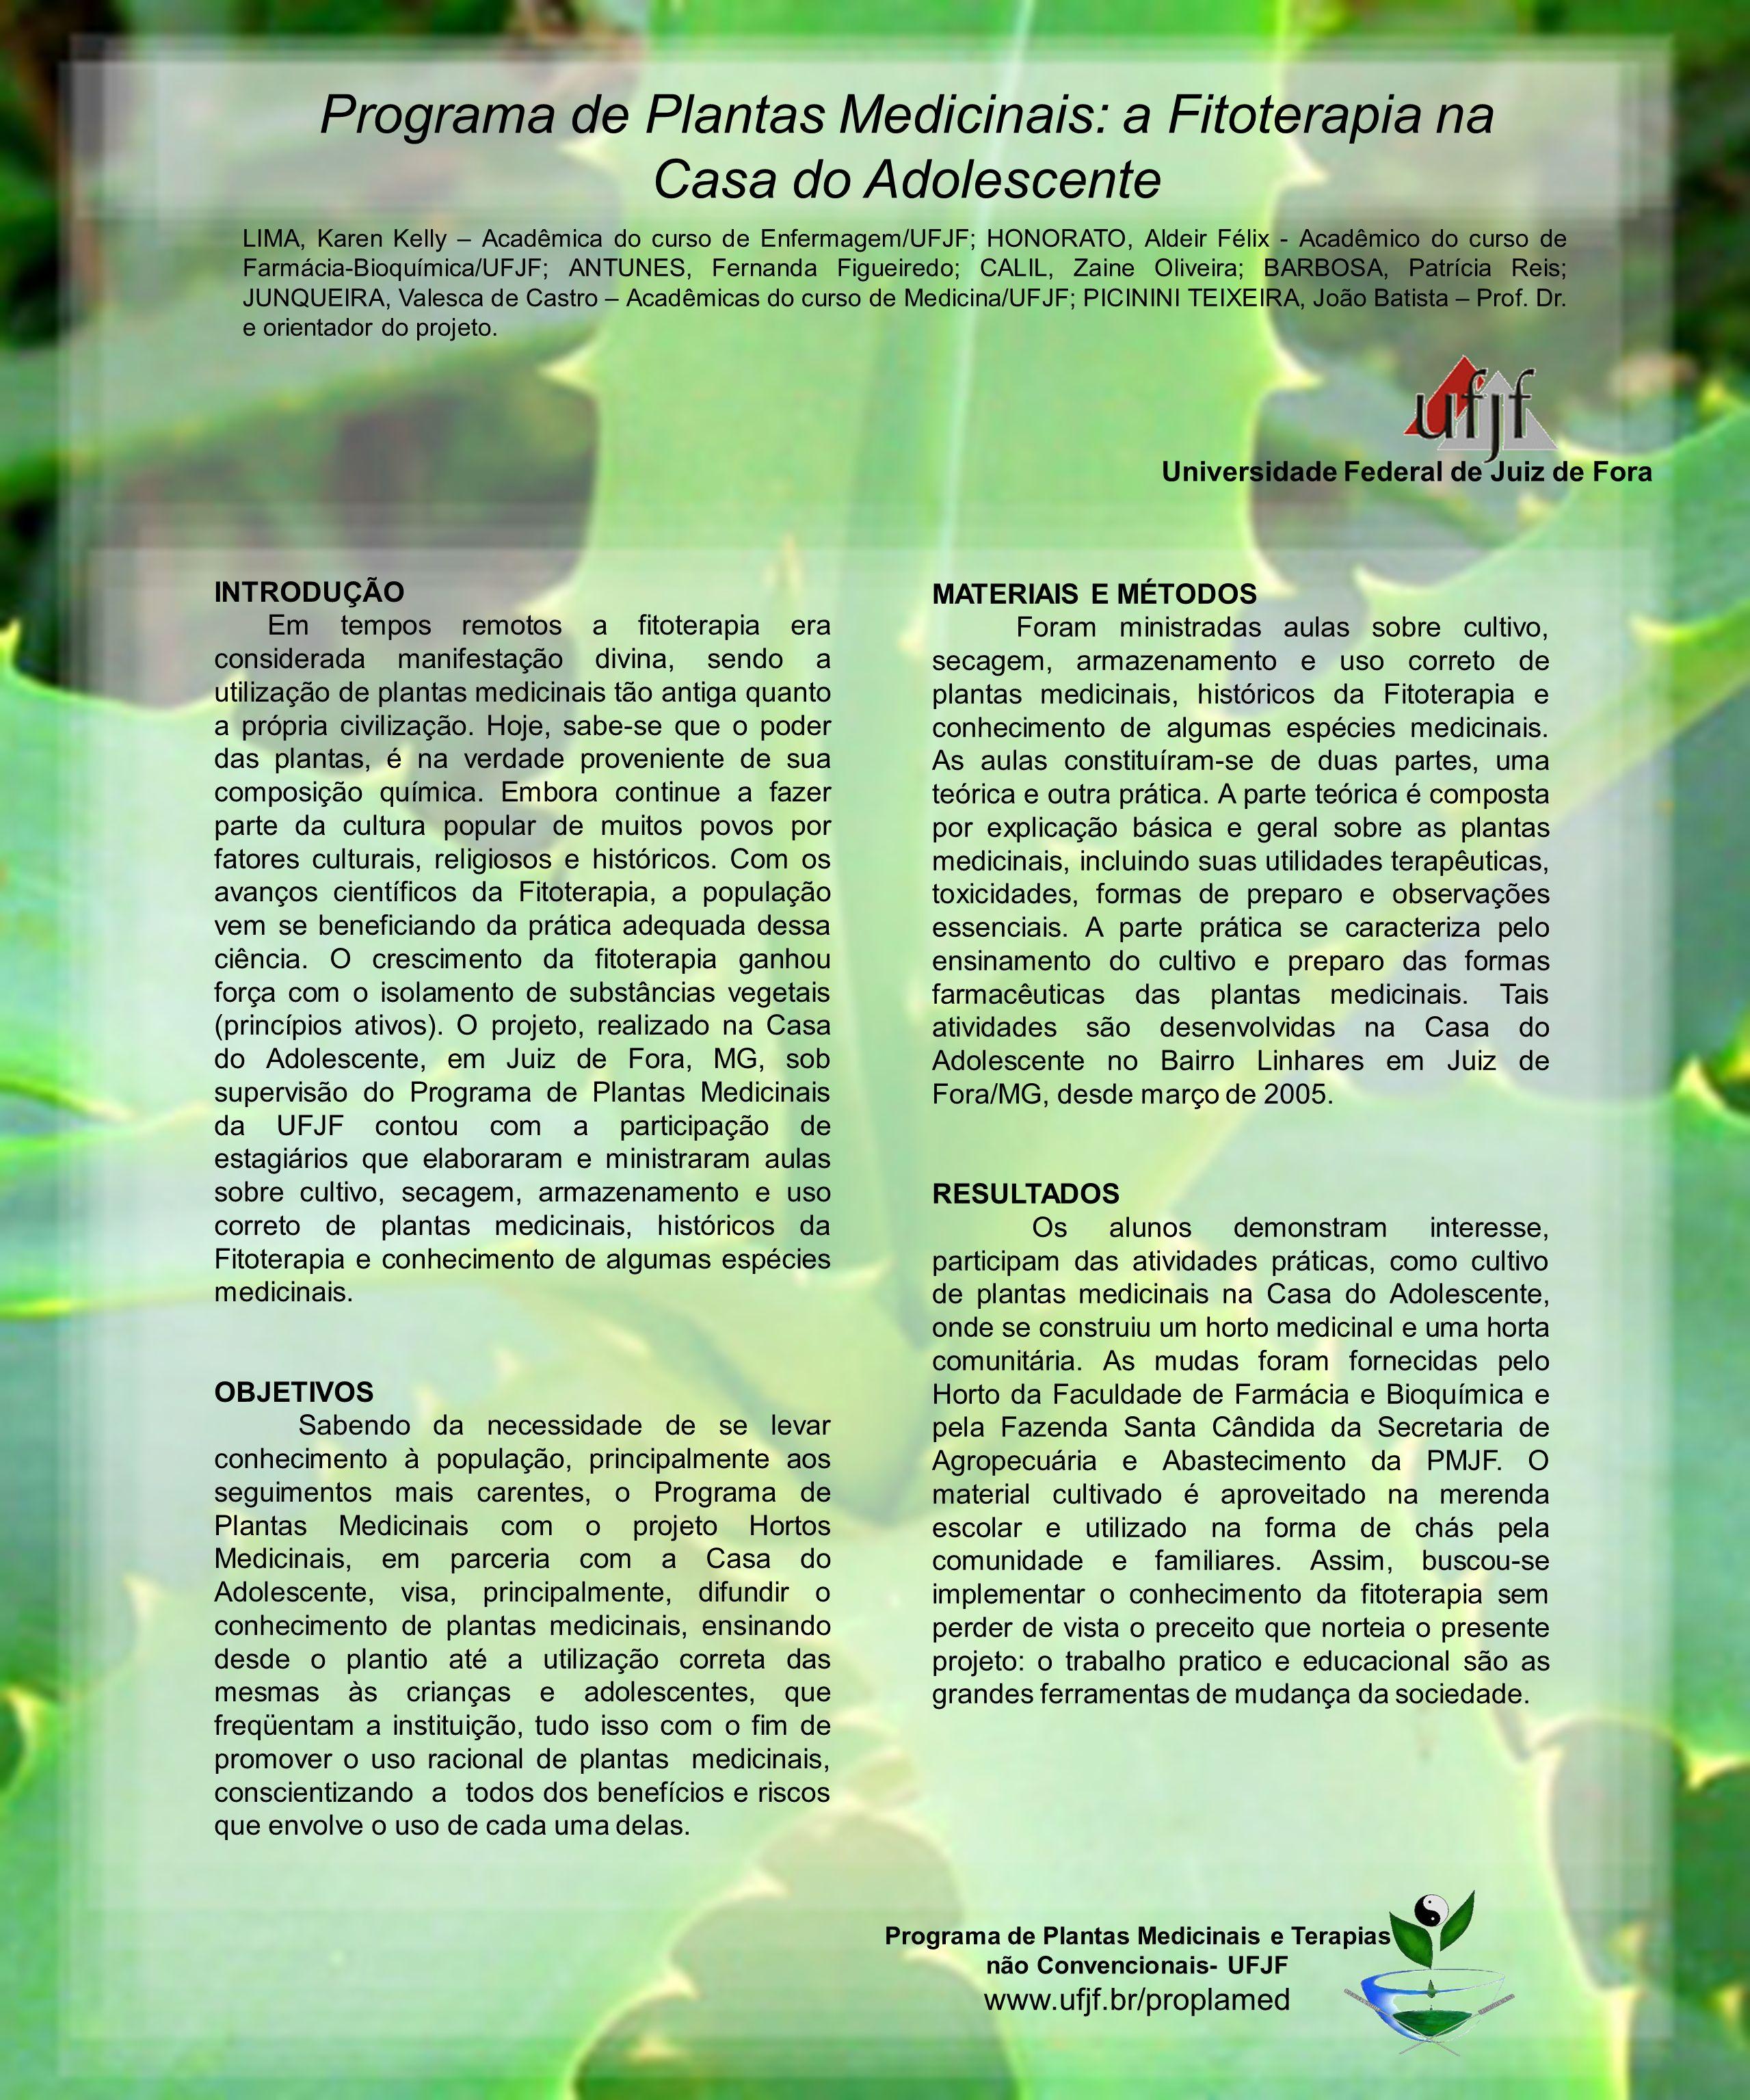 Programa de Plantas Medicinais: a Fitoterapia na Casa do Adolescente